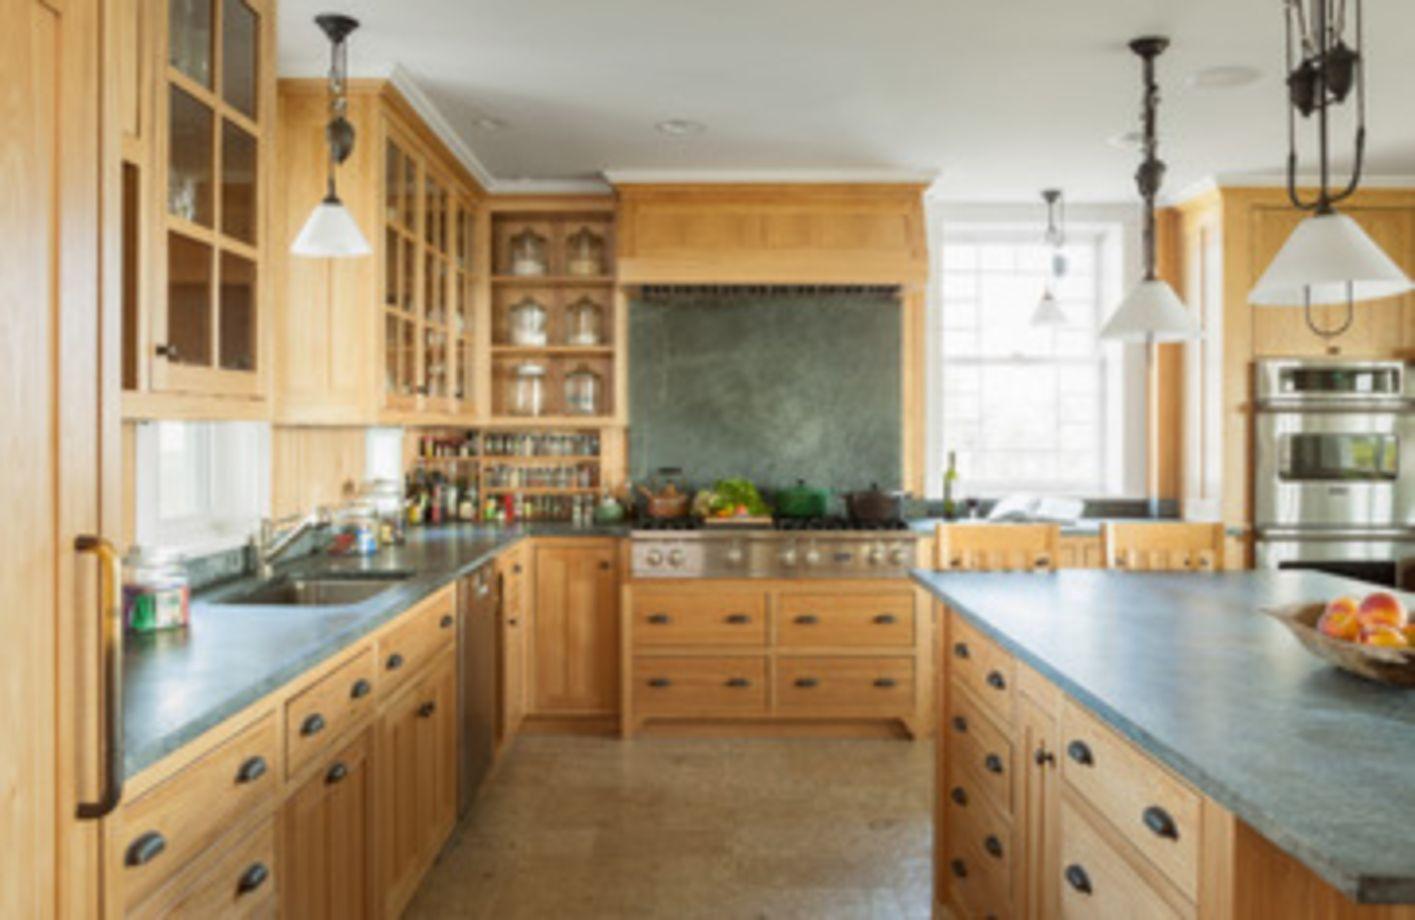 Stylish kitchen designs ideas with corner sinks 51